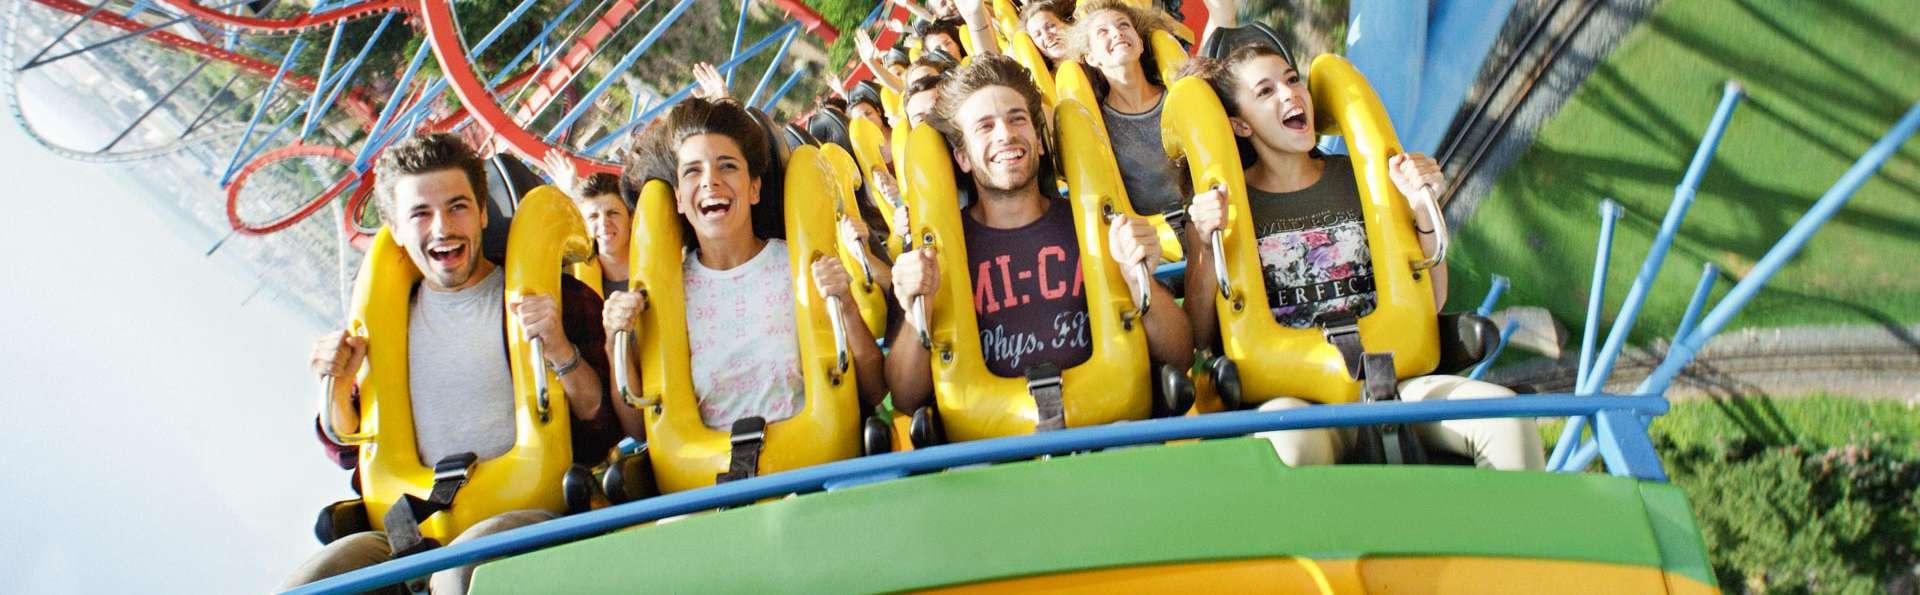 Séjour à Reus avec tickets pour Portaventura